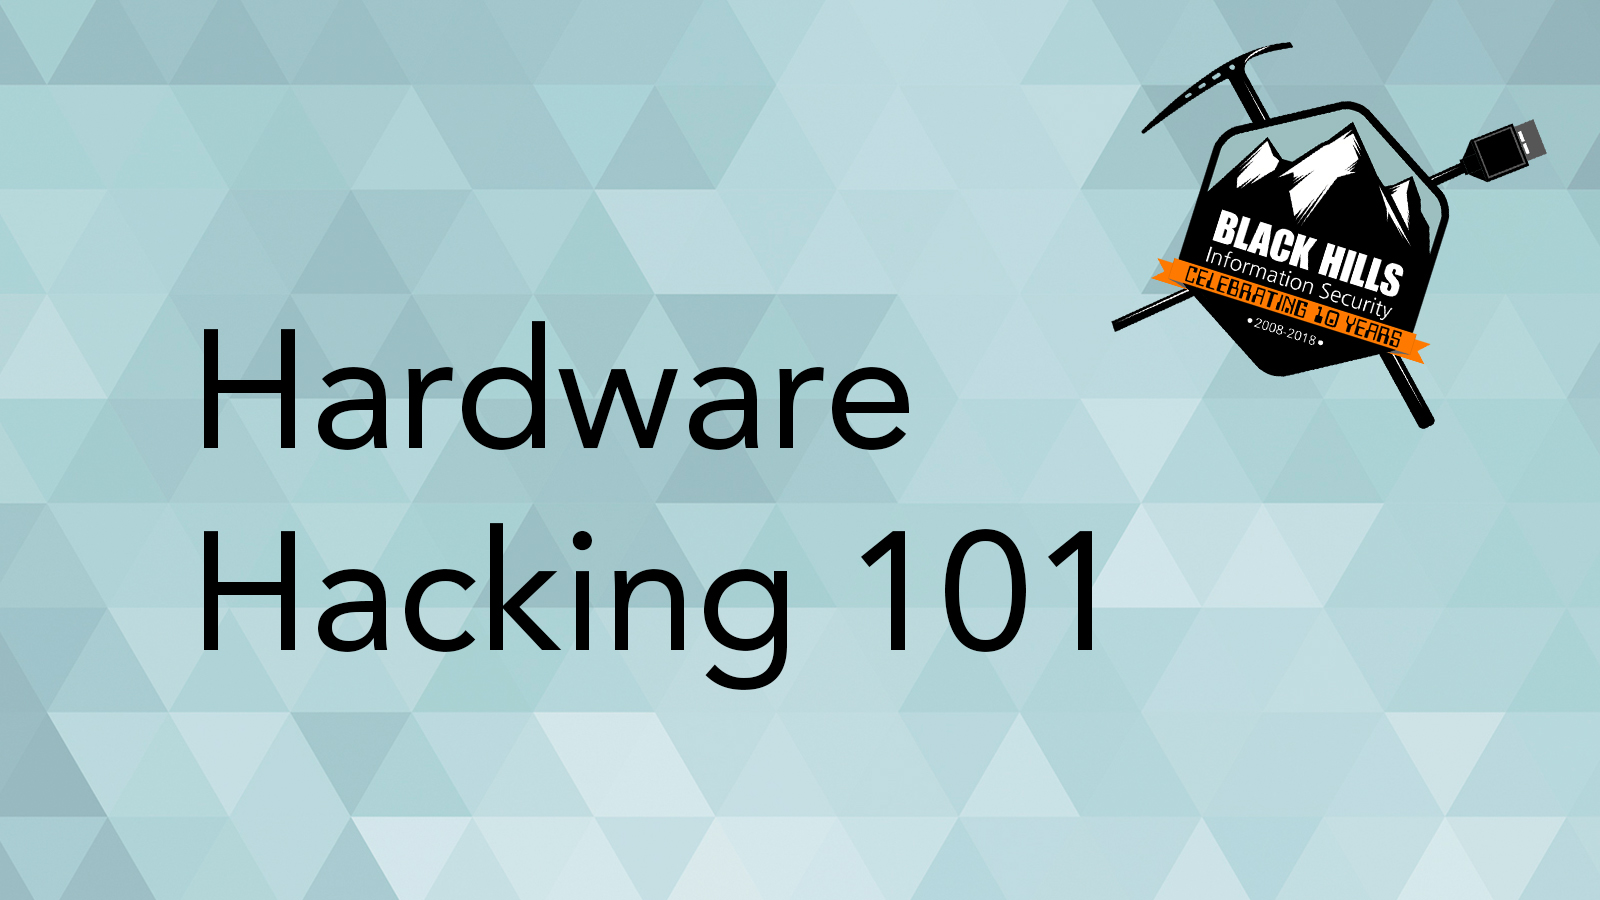 WEBCAST: Hardware Hacking 101 - Black Hills Information Security